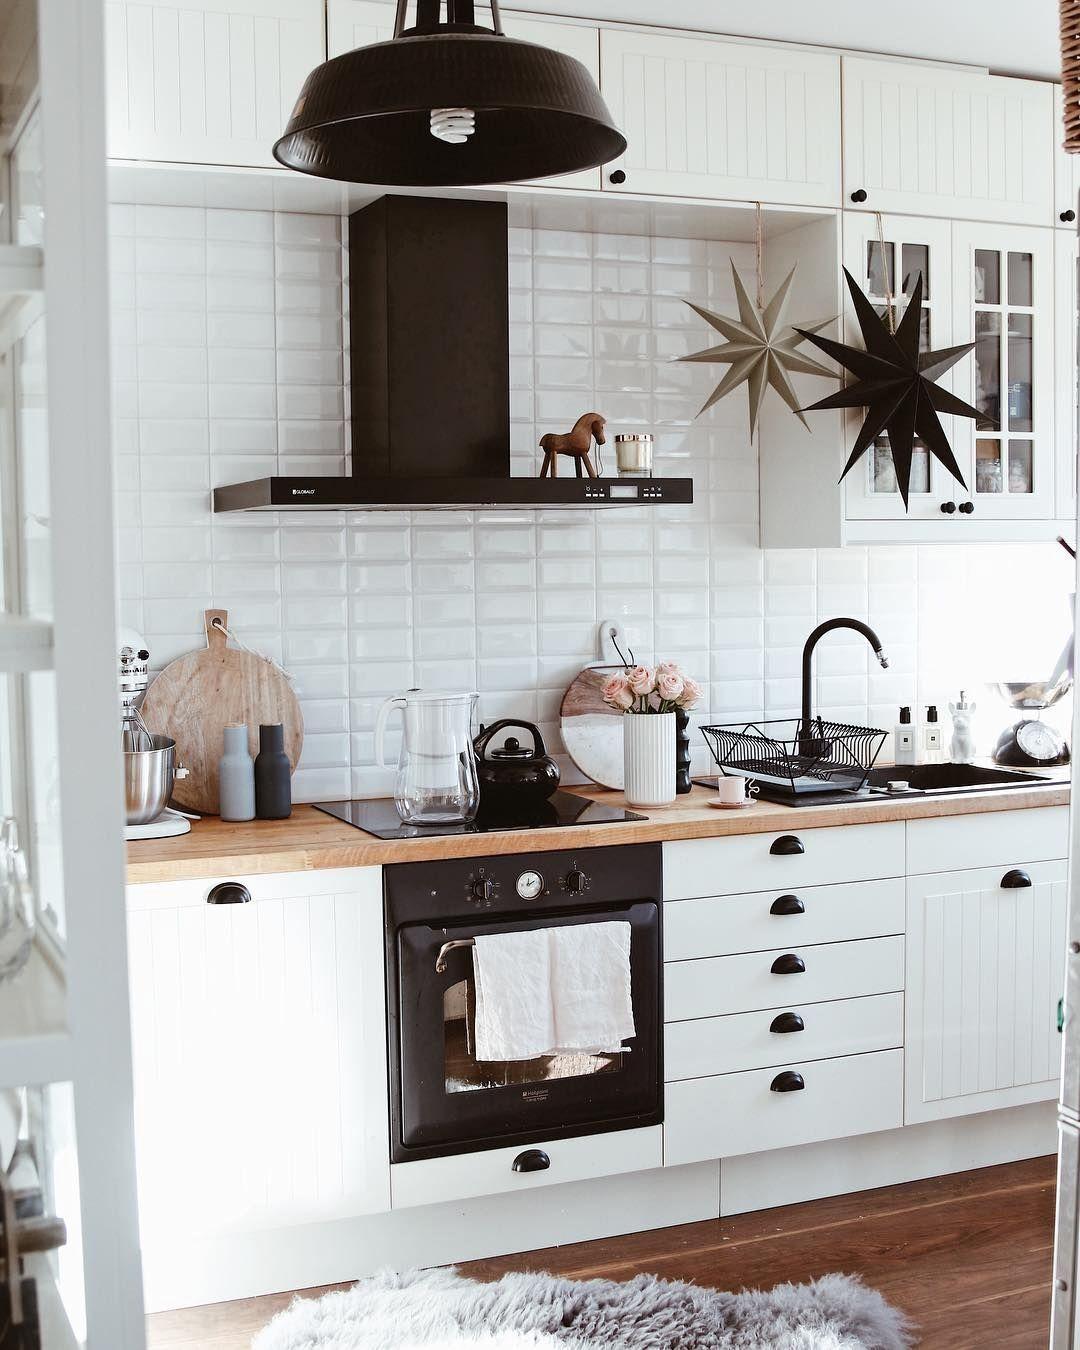 Instagram 1000 in 2020 Black appliances kitchen, White